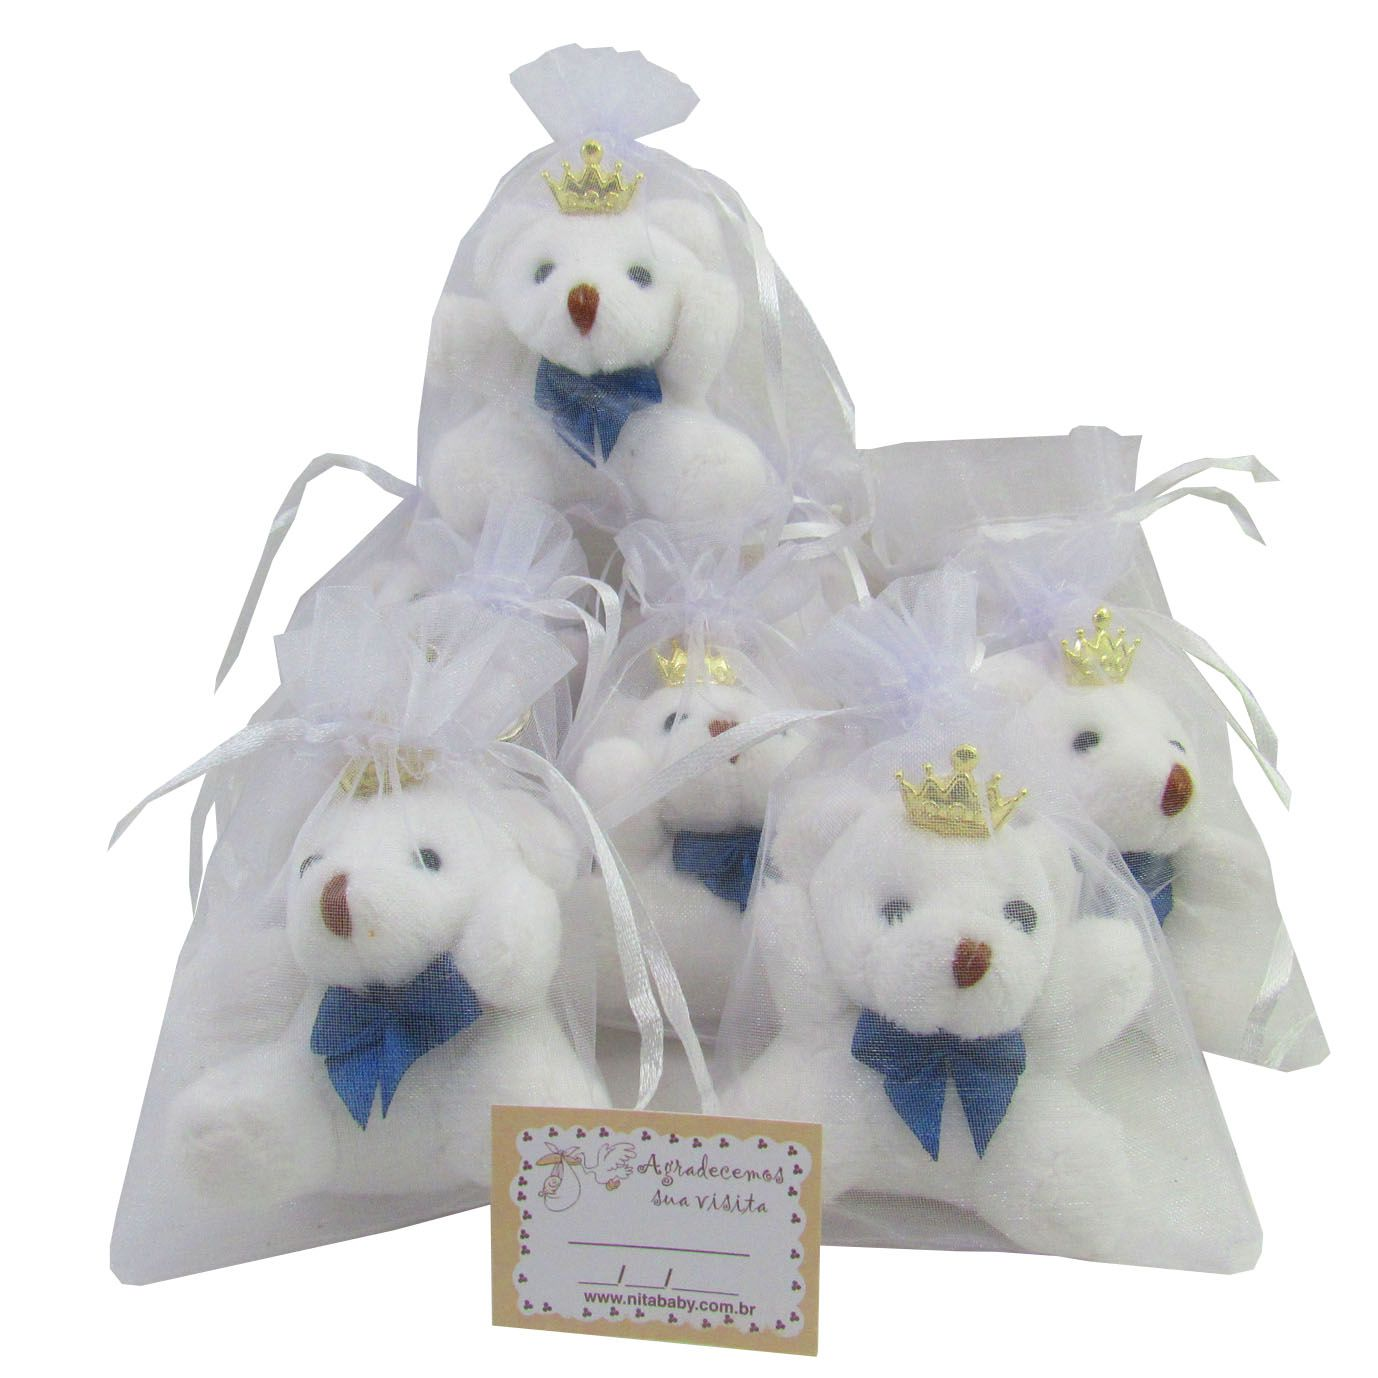 Lembrancinha Chaveiro Urso - Branco com Laço Azul Marinho e Acompanha Organza